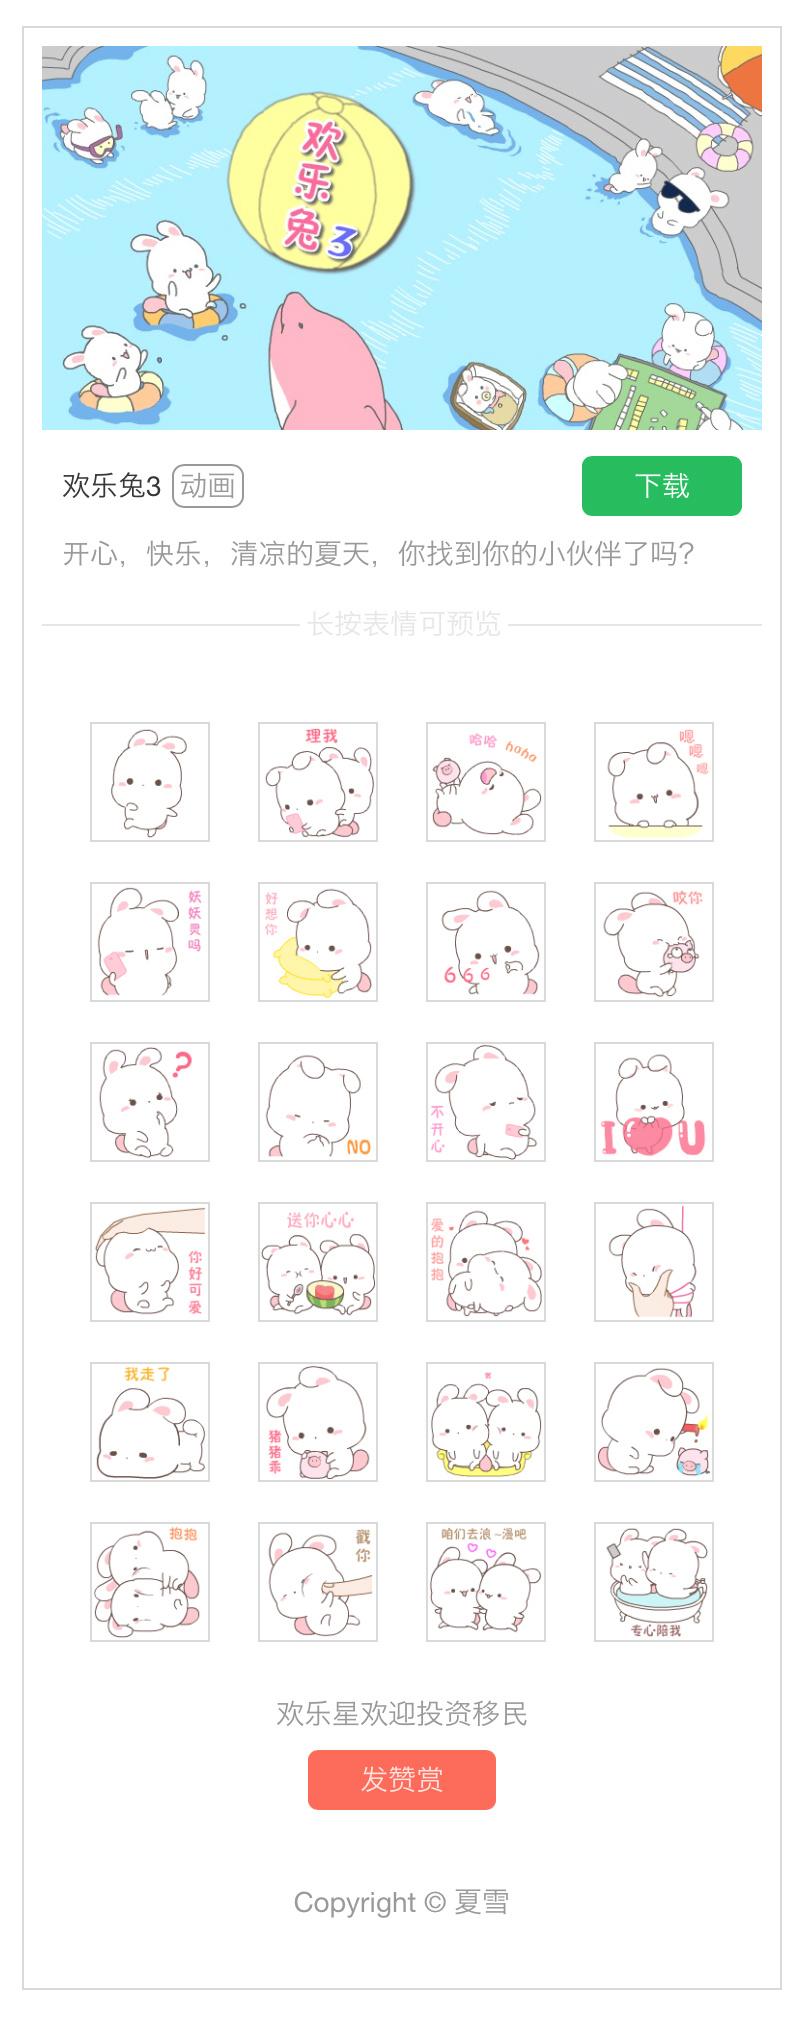 微信表情a表情兔3表情包钓动画凯子图片